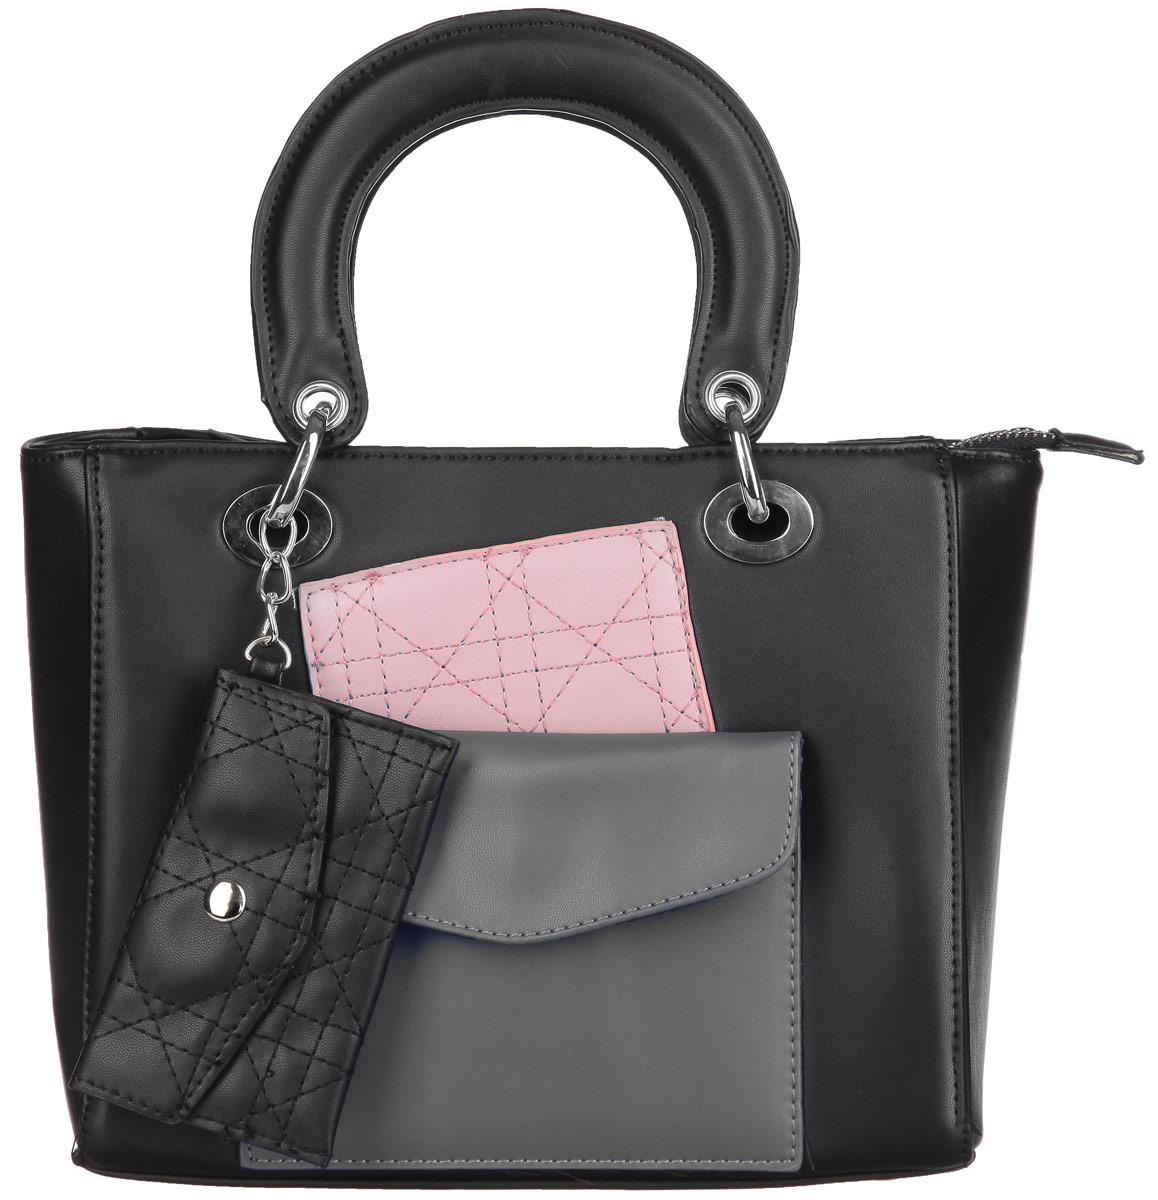 Сумка женская Ors Oro, цвет: черный, розовый, хаки. D-129D-129/24Стильная сумка Ors Oro выполнена из экокожи, оформлена вставками из искусственной кожи контрастных оттенков и дополнена подвеской с декоративным кошельком. Изделие содержит одно отделение, которое закрывается на молнию, внутри расположены два накладных кармана для телефона и мелочей, врезной карман на молнии. Снаружи, на лицевой стенке сумки расположен накладной кармана на магнитной кнопке. Изделие дополнено двумя практичными ручками с металлической фурнитурой. Дно сумки оснащено металлическими ножками. Сумка Ors Oro прекрасно дополнит образ и подчеркнет ваш неповторимый стиль.